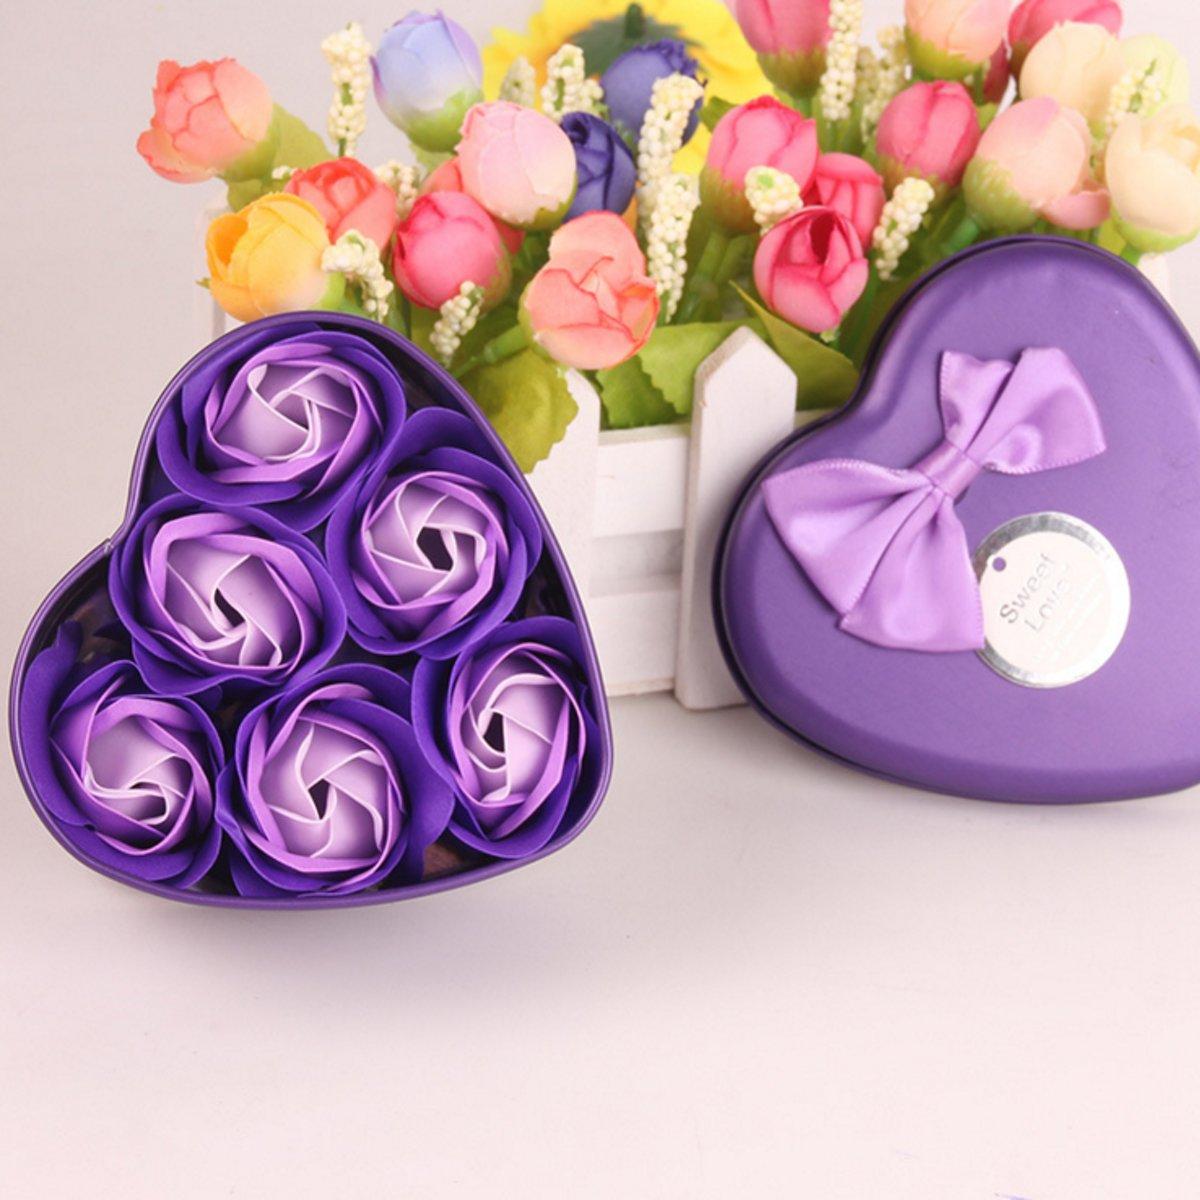 6 Rozen Zeepjes Blauw  in hartvormige verpakking | Origineel Cadeau voor haar, perfect cadeau voor valentijnsdag, verjaardagen kopen